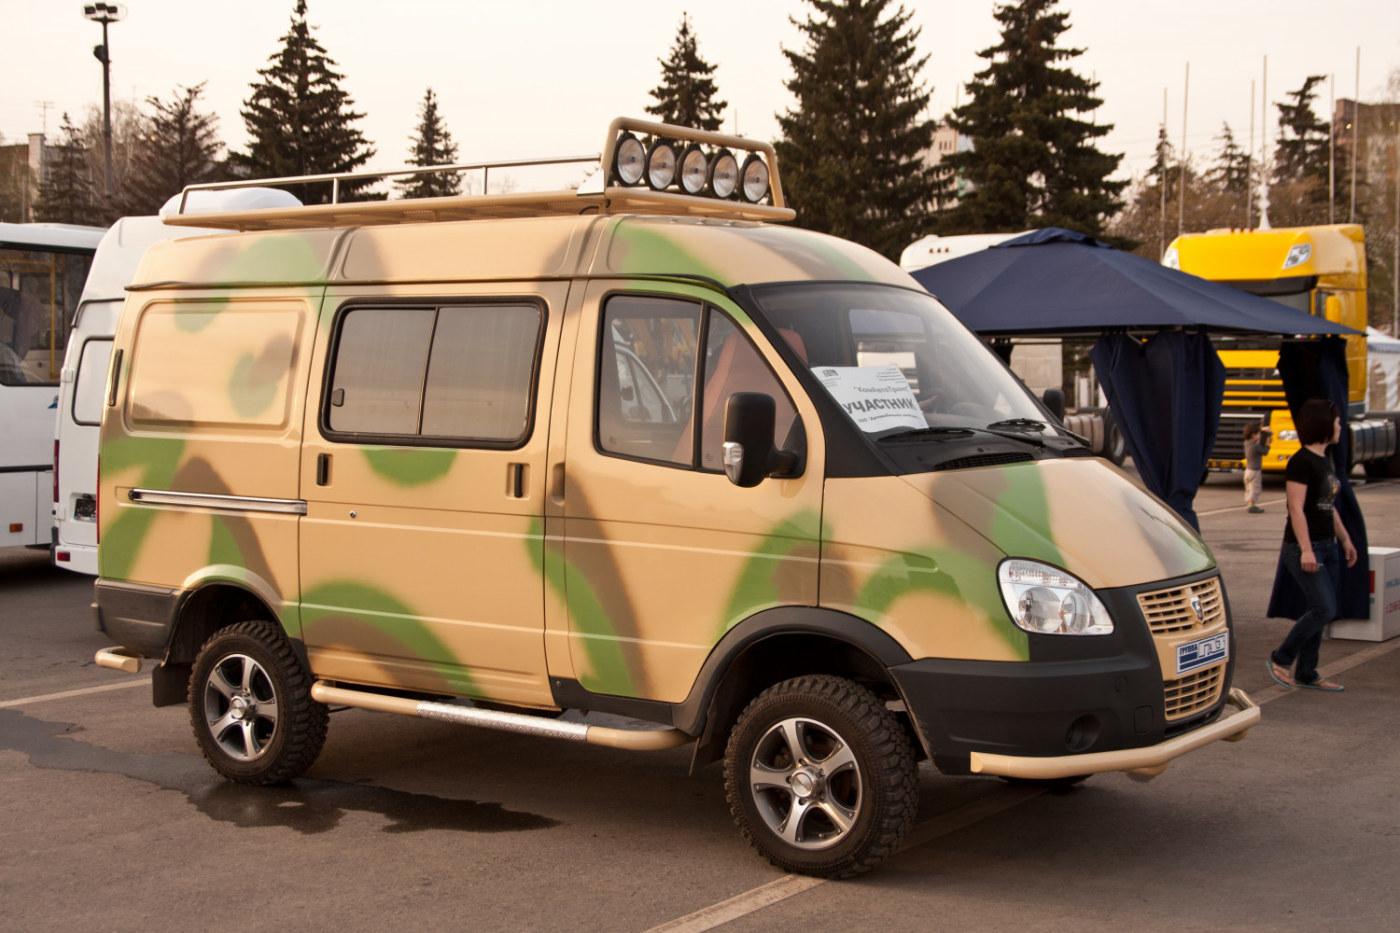 грузопассажирский автомобиль ГАЗ-22177 Соболь. г. Самара, пл. им. В. В. Куйбышева